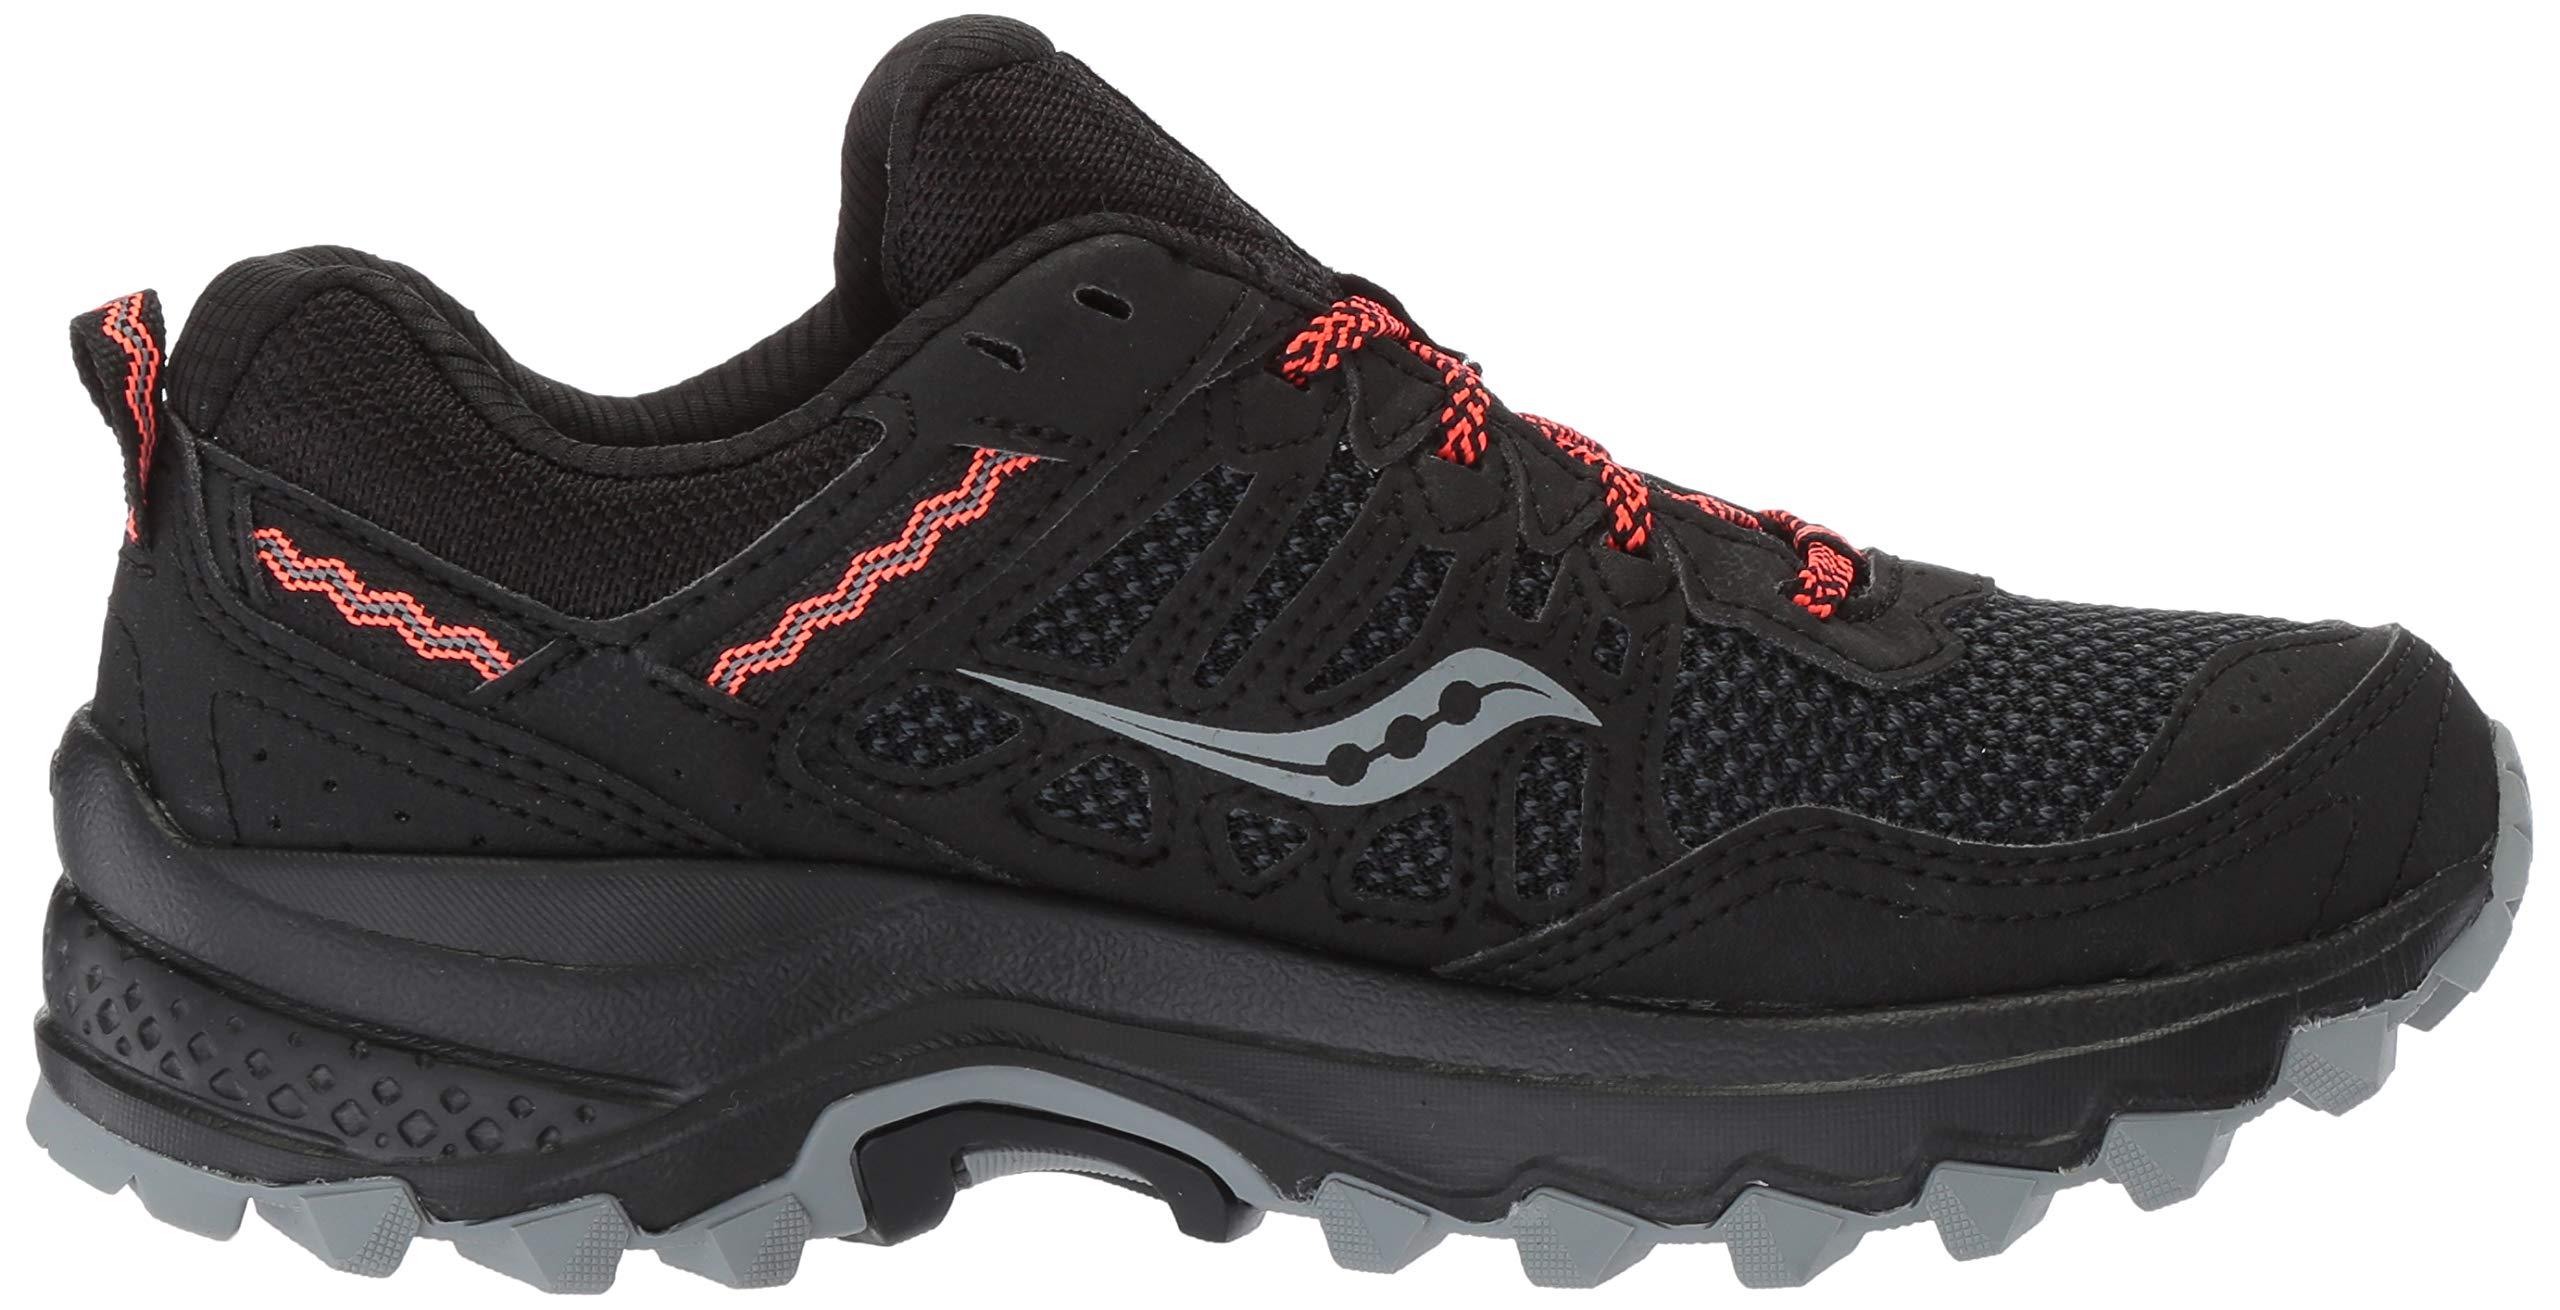 7121lb0EoFL - Saucony Women's Excursion Tr12 GTX Training Shoes